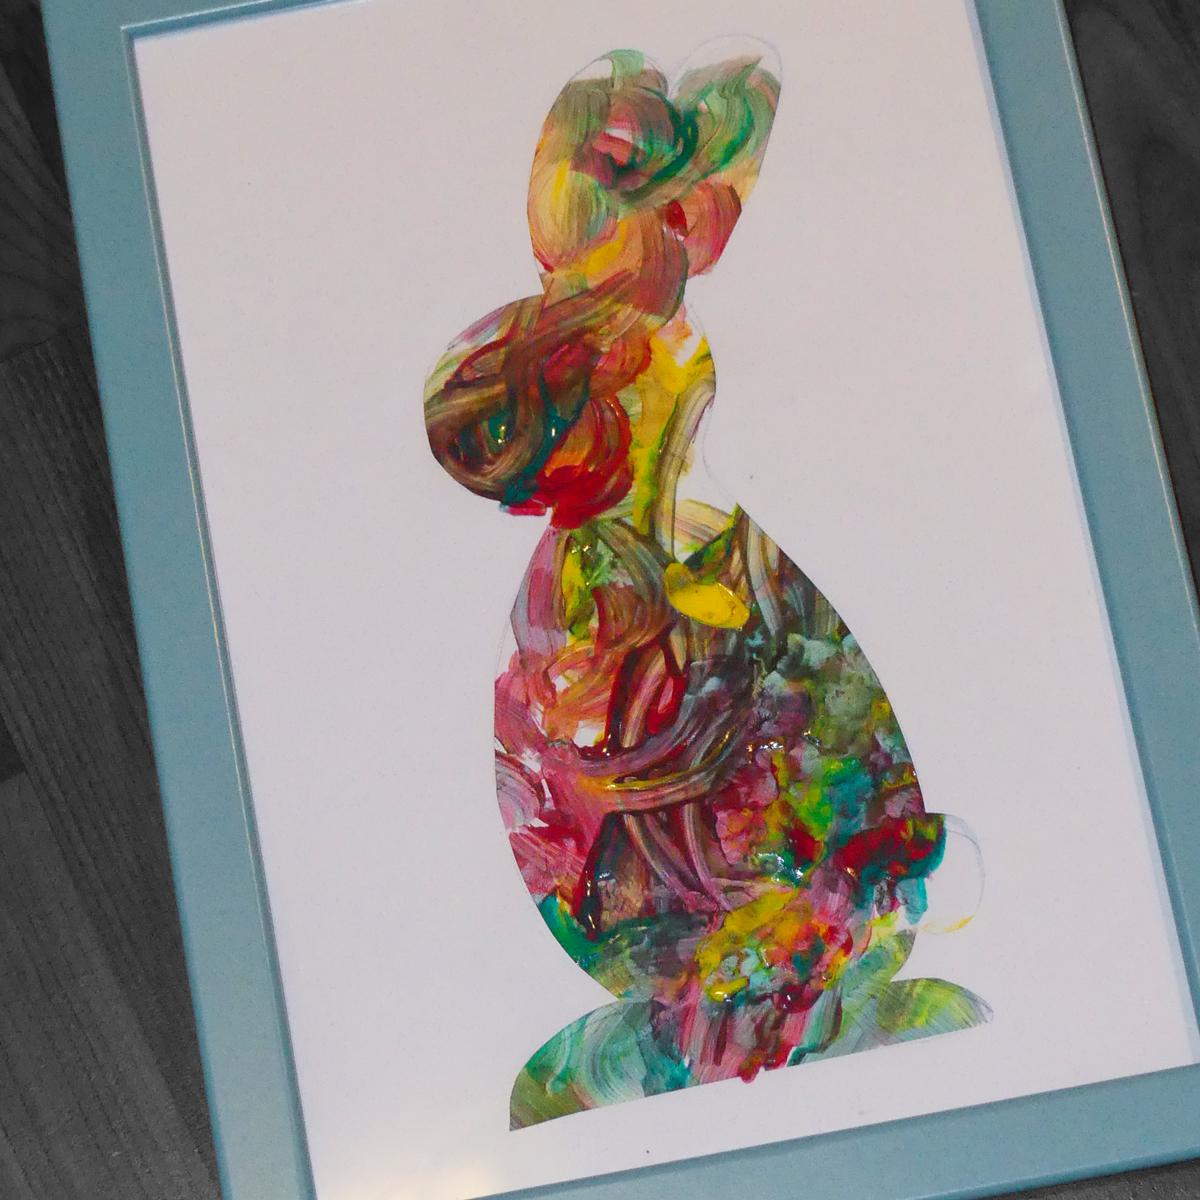 Malovaný zajíc v rámečku - Little BIG Art